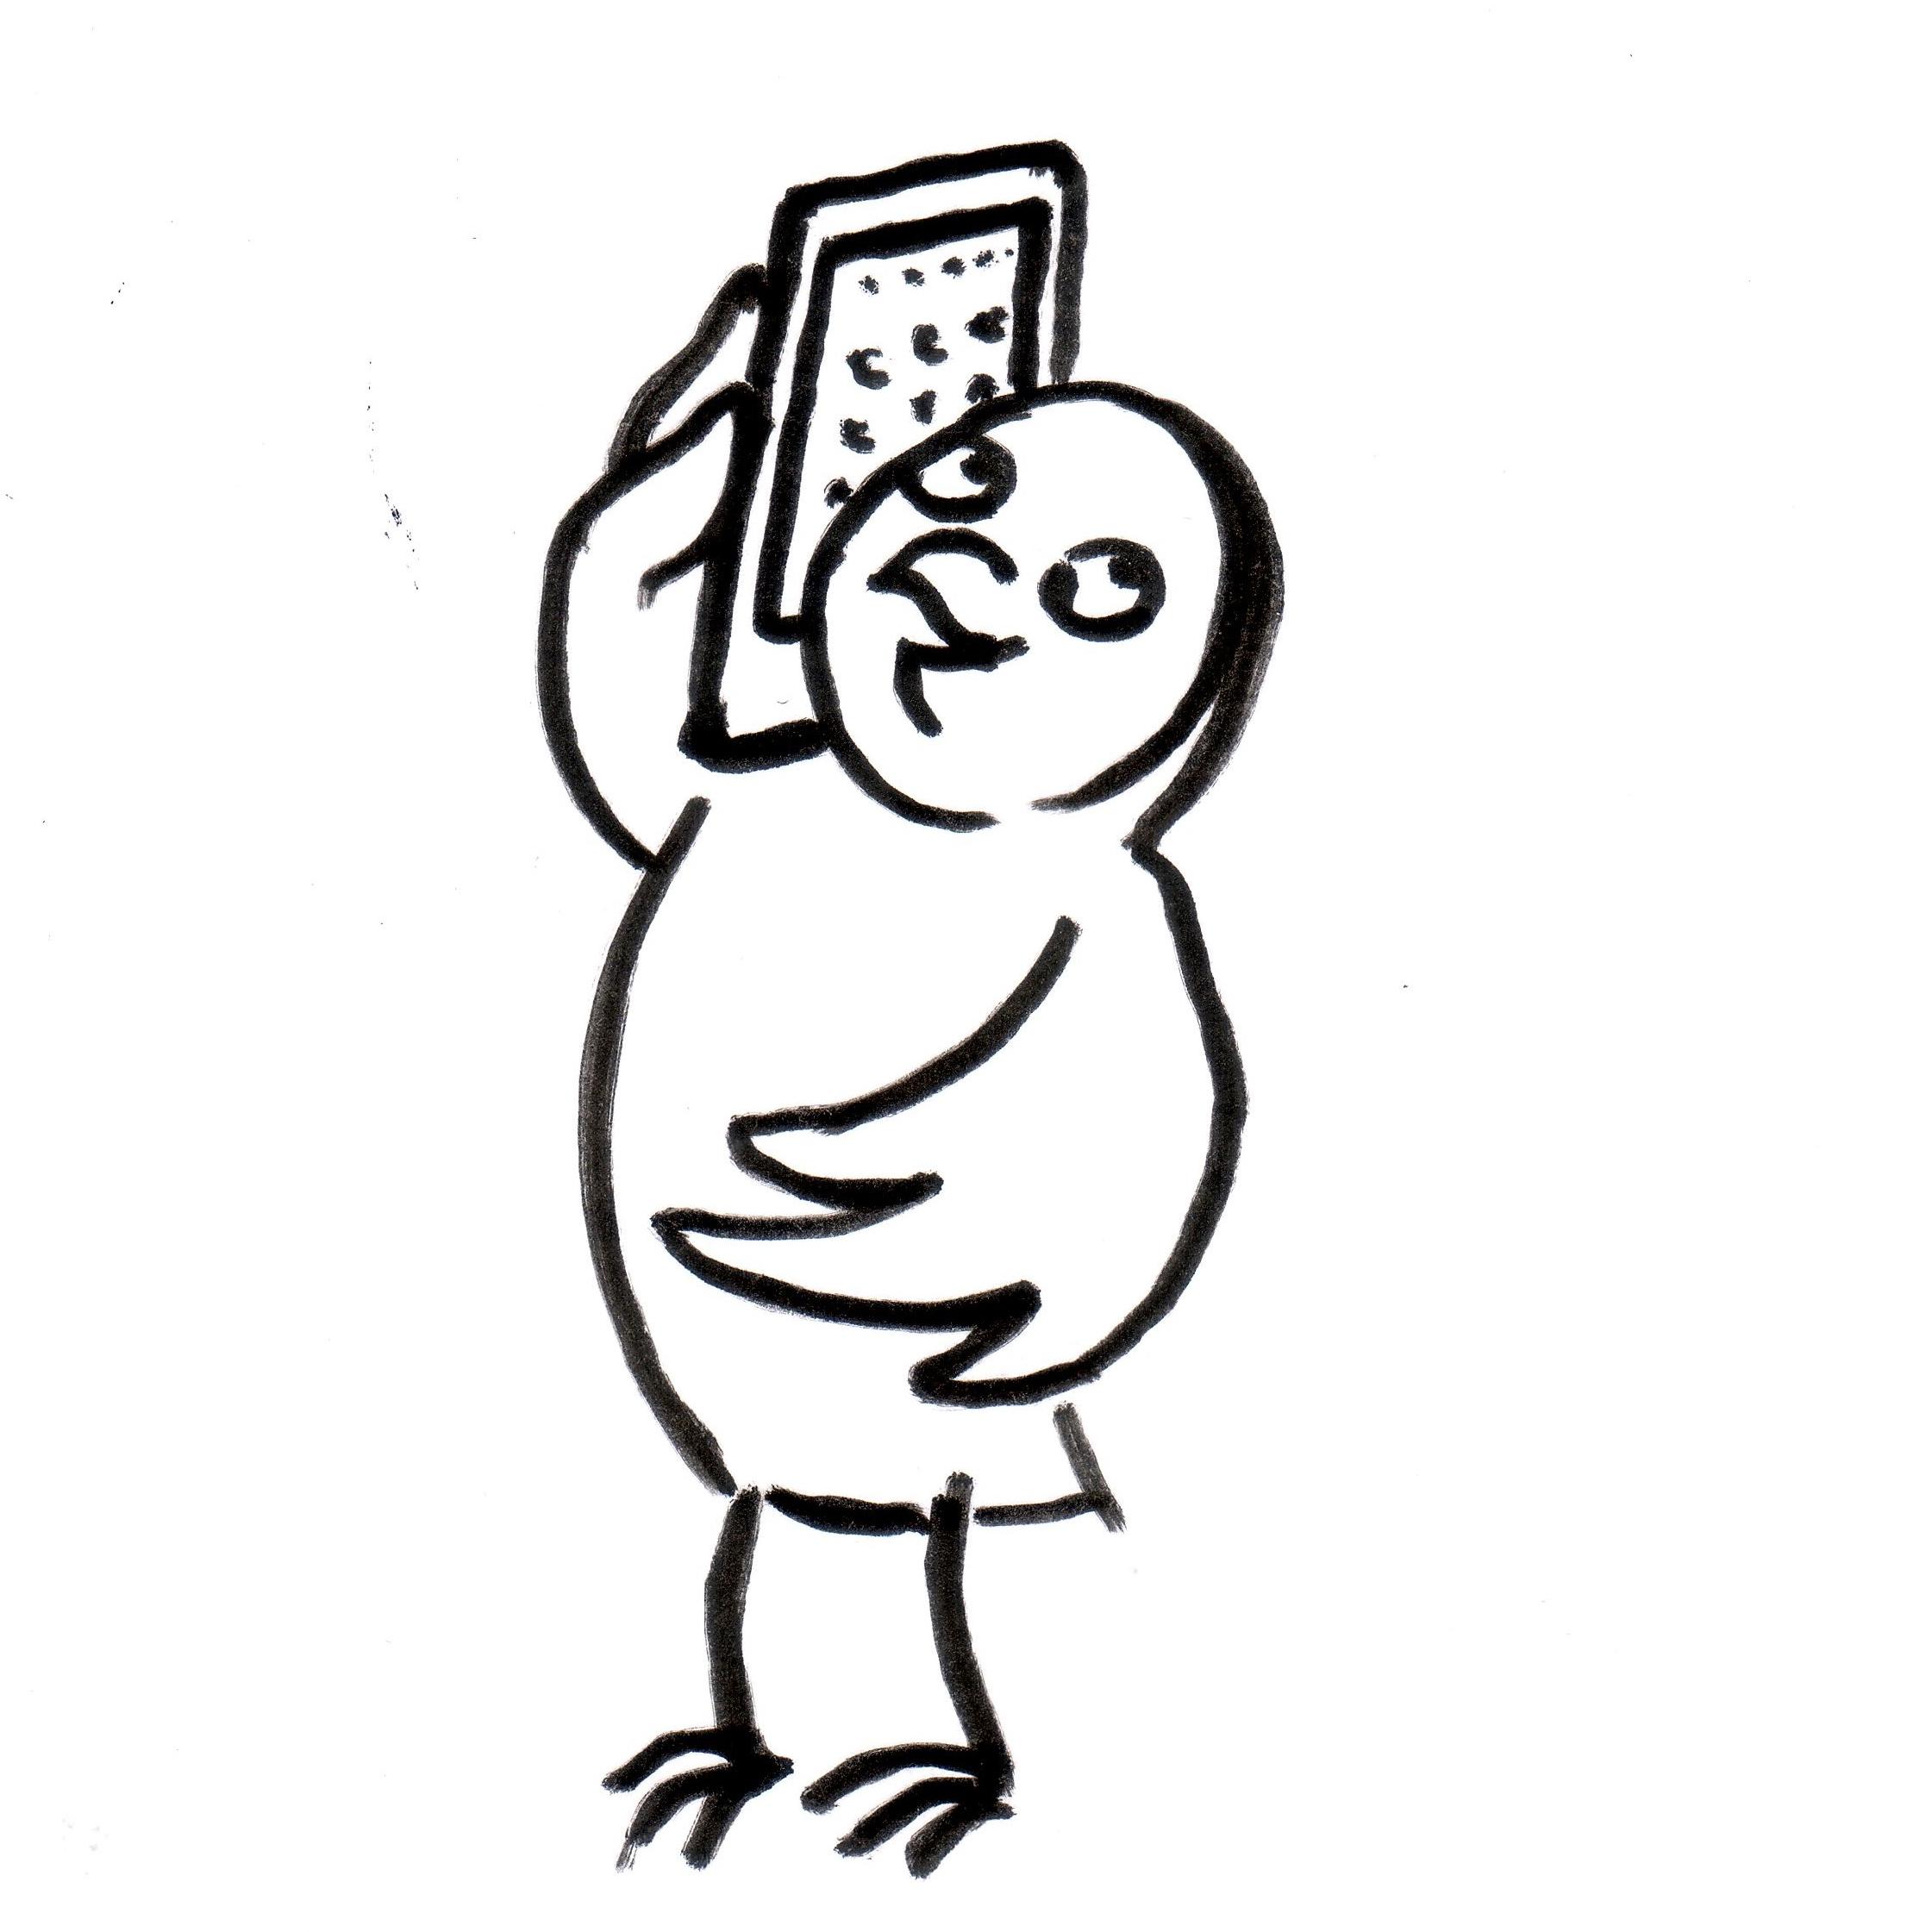 Eule mit Handy - Piktogramm für nicht Lesende